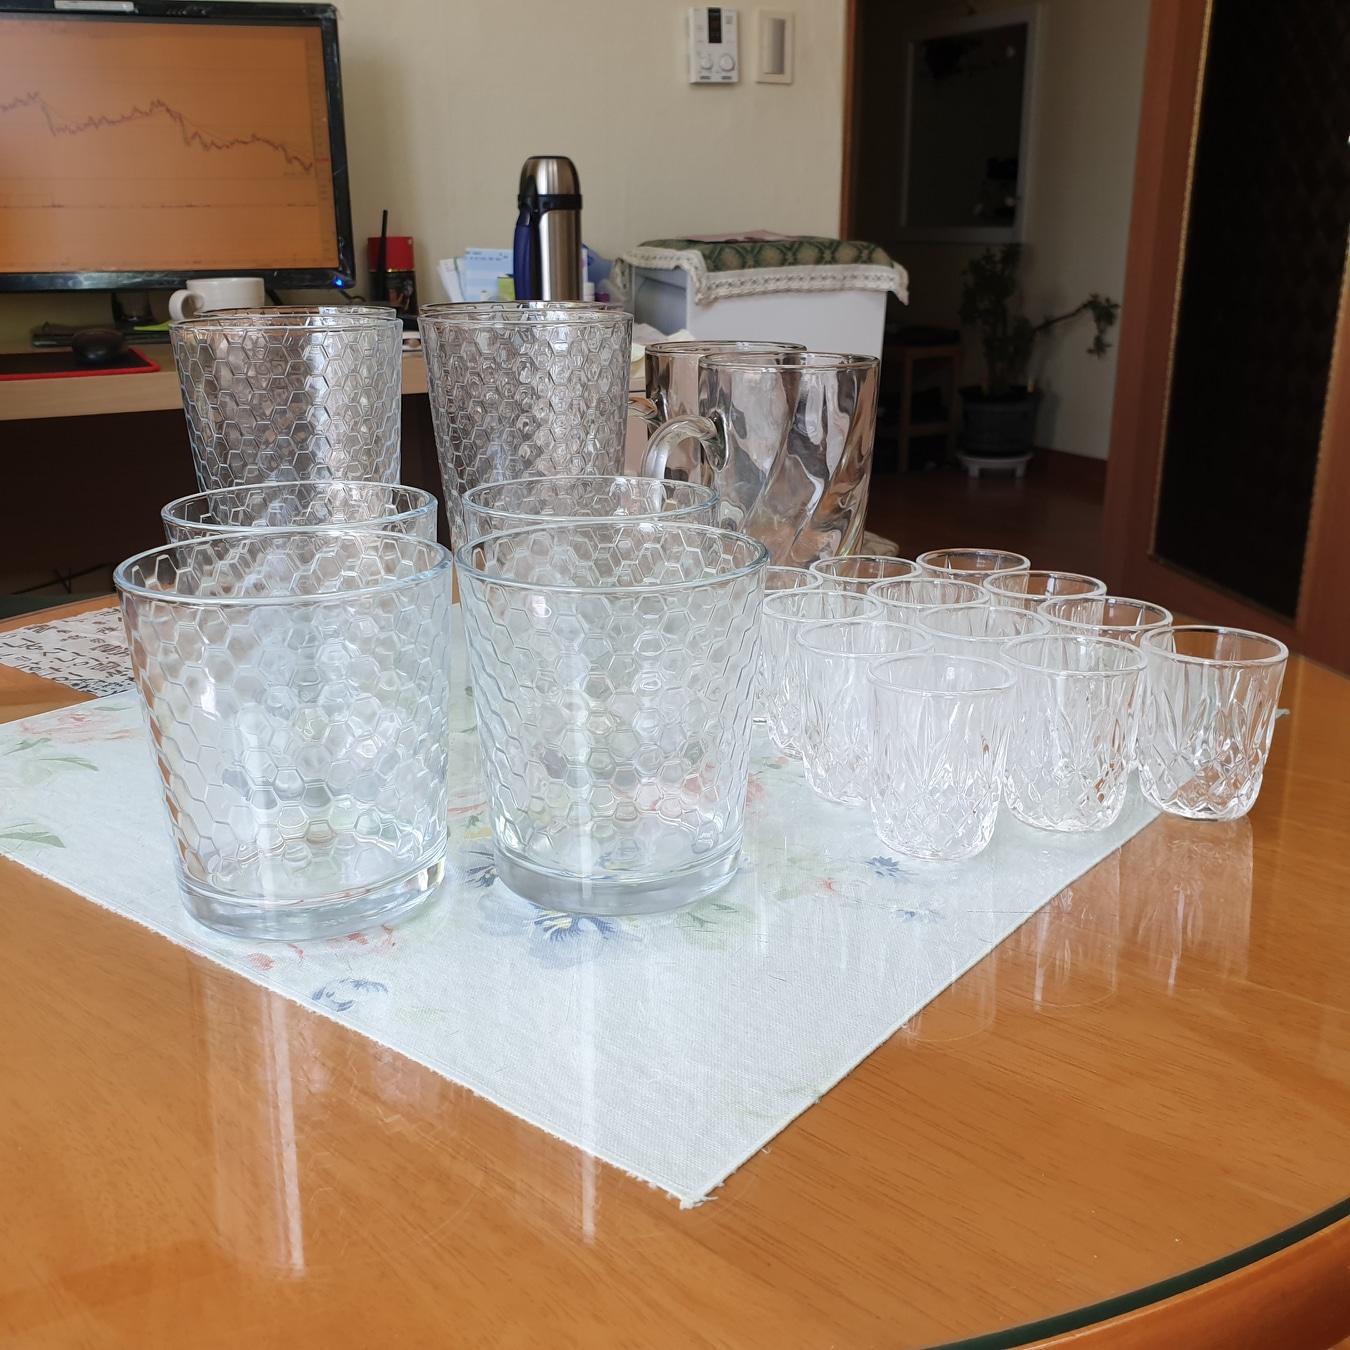 가격내립니다~~큰컵4개.작은컵4개.손잡이컵2개.소주컵12개 판매합니다 집들이때 사요하고 모셔둔컵들입니다